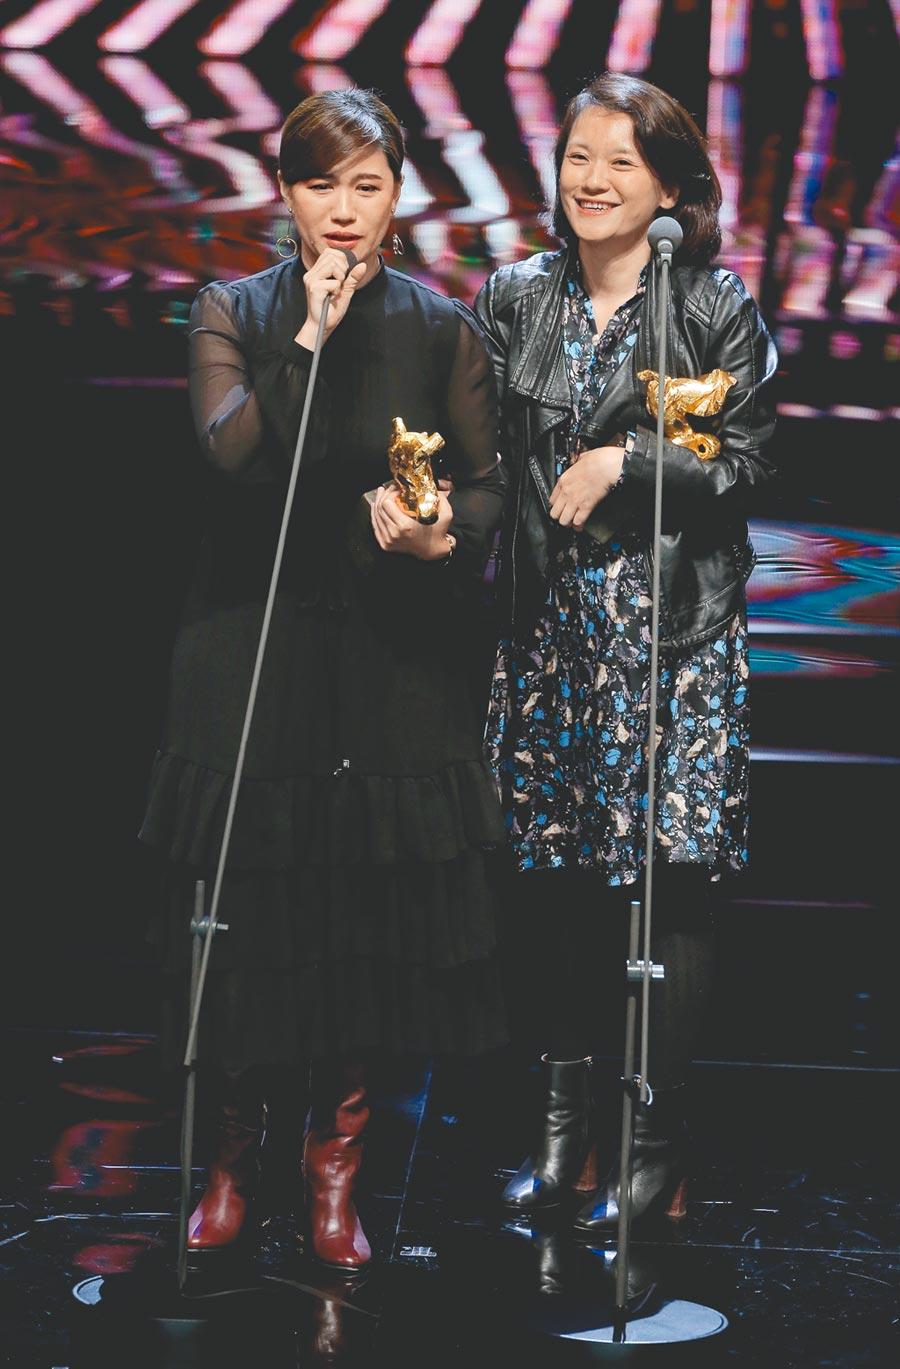 去年金馬獎,導演傅榆得獎感言引發風波。圖為2018年11月17日,最佳紀錄片《我們的青春,在台灣》獲金馬獎。(本報系資料照片)